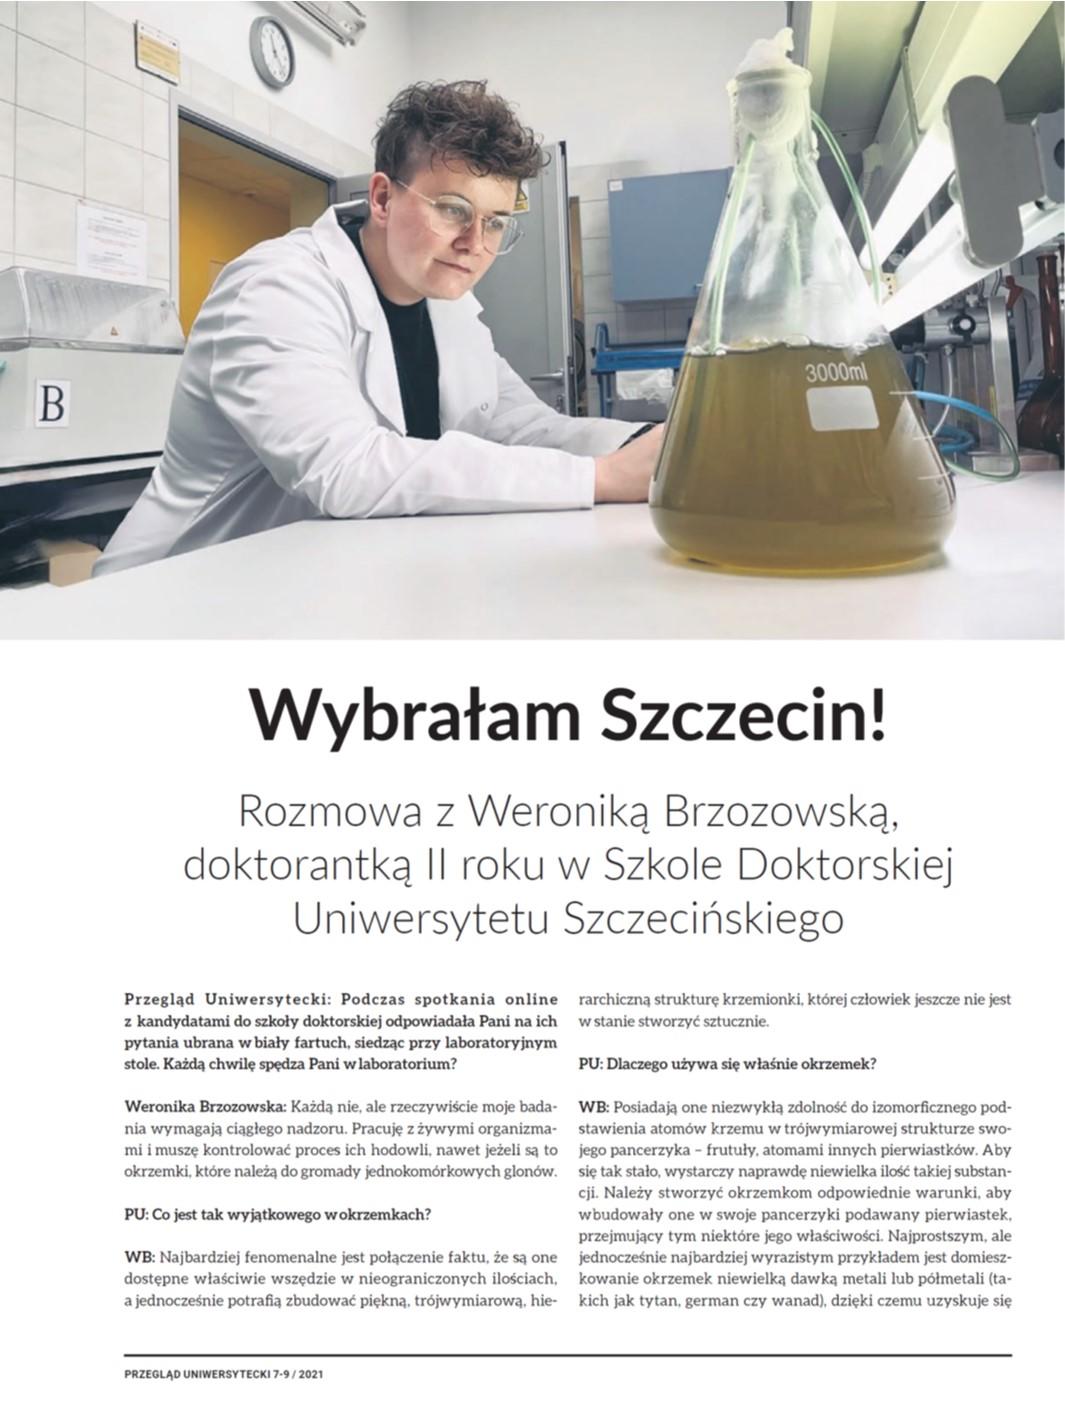 Przegląd Uniwersytecki #7-8/2021  Rozmowa z Weroniką Brzozowską, doktorantką II roku z Szkole Doktorskiej Uniwersytetu Szczecińskiego